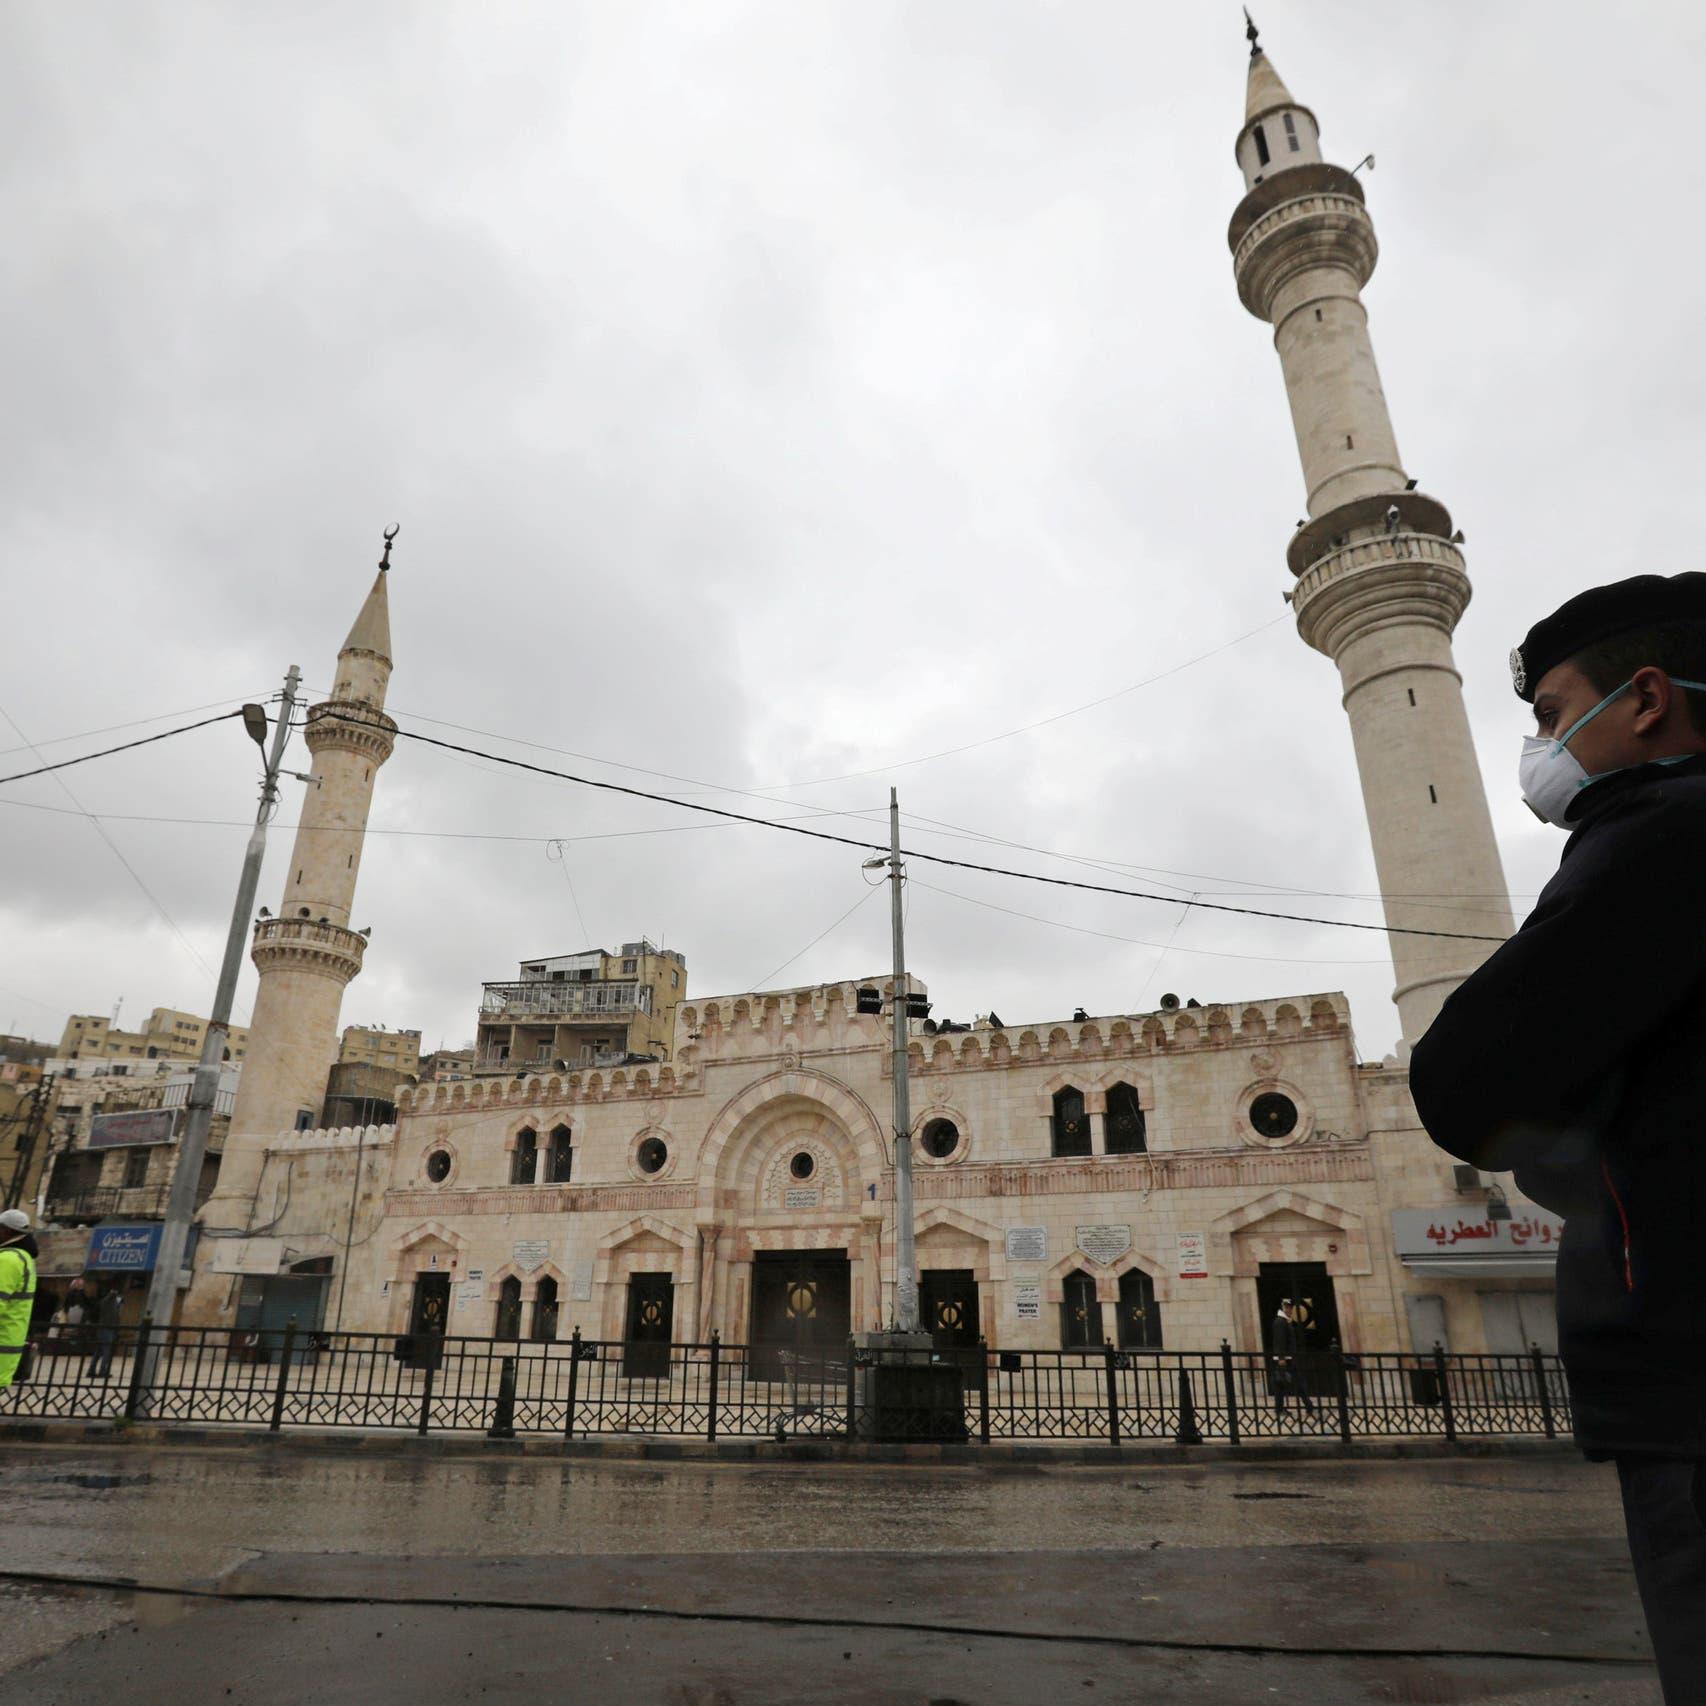 تعقيم شوارع في الأردن.. وتوقيف نحو 400 مخالف للحظر